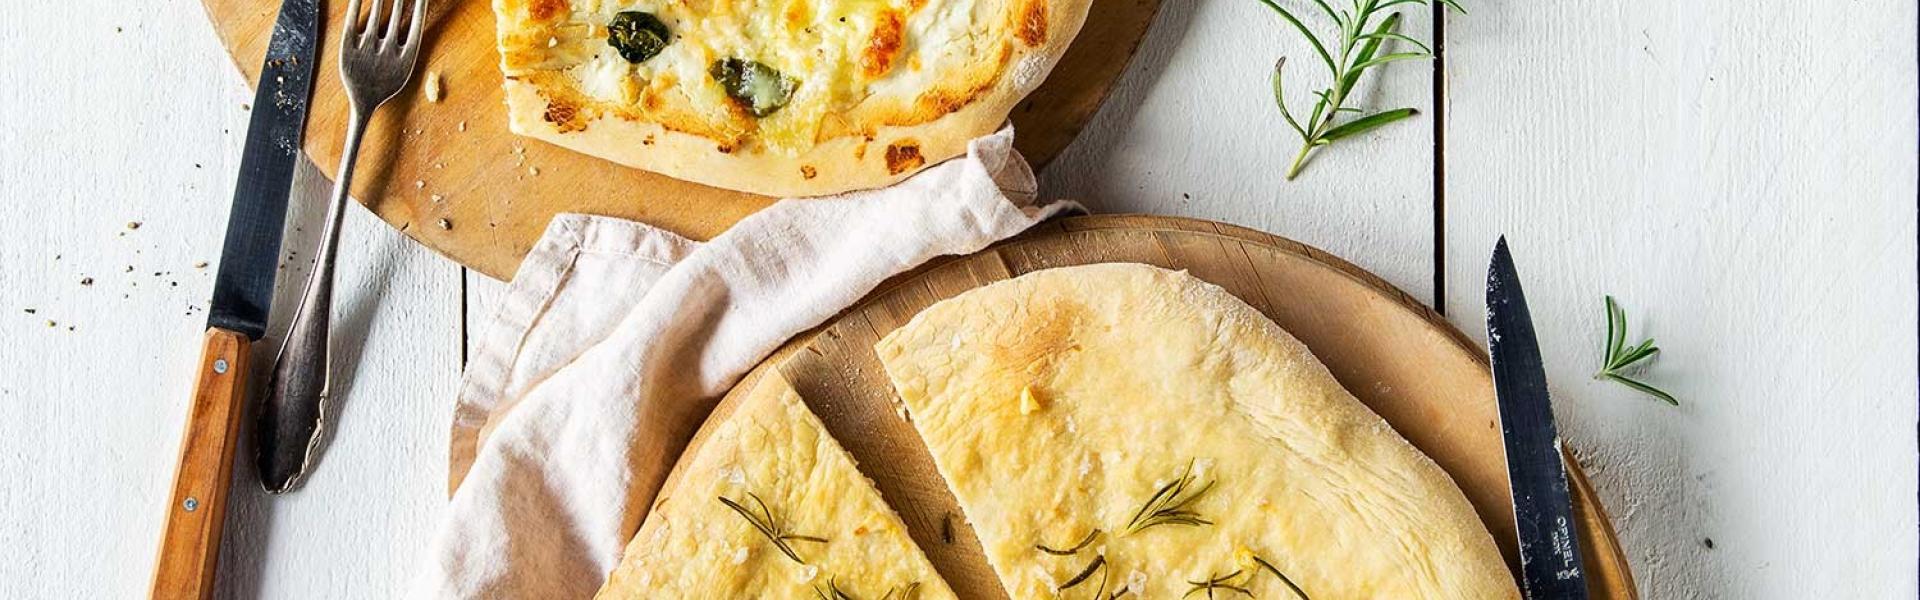 Zwei verschiedene Pizza Bianca auf weißem Holztisch.